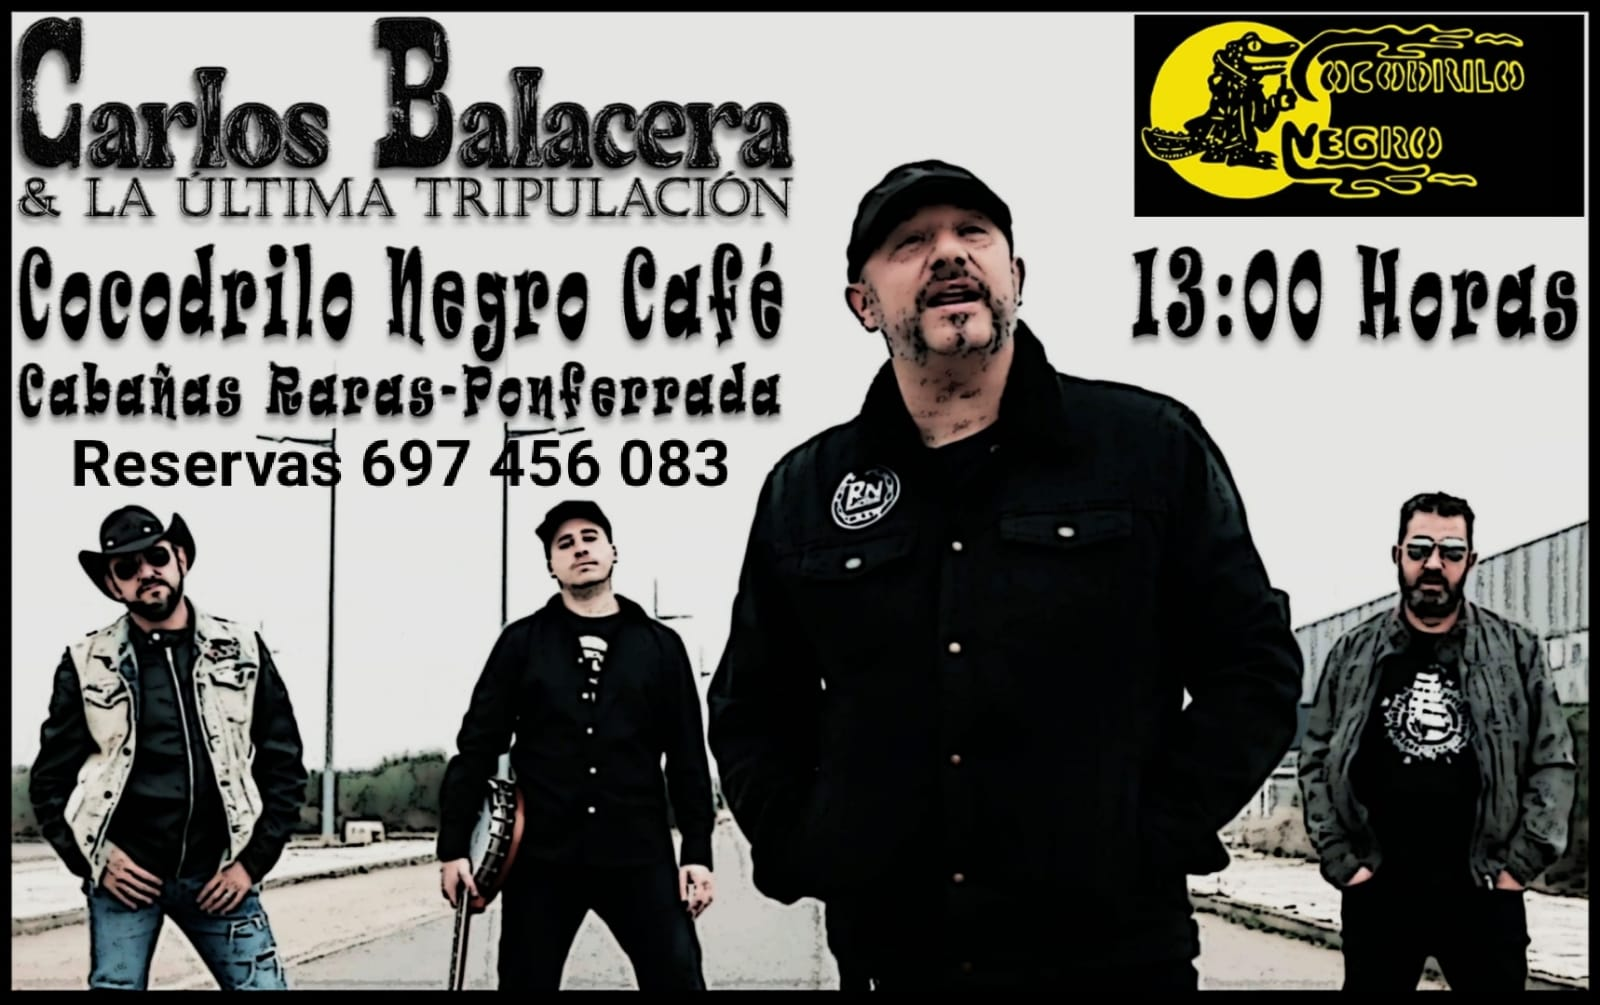 Carlos Balacera & La Última Tripulación en sesión matiné del Cocodrilo Negro de Cabañas Raras 2